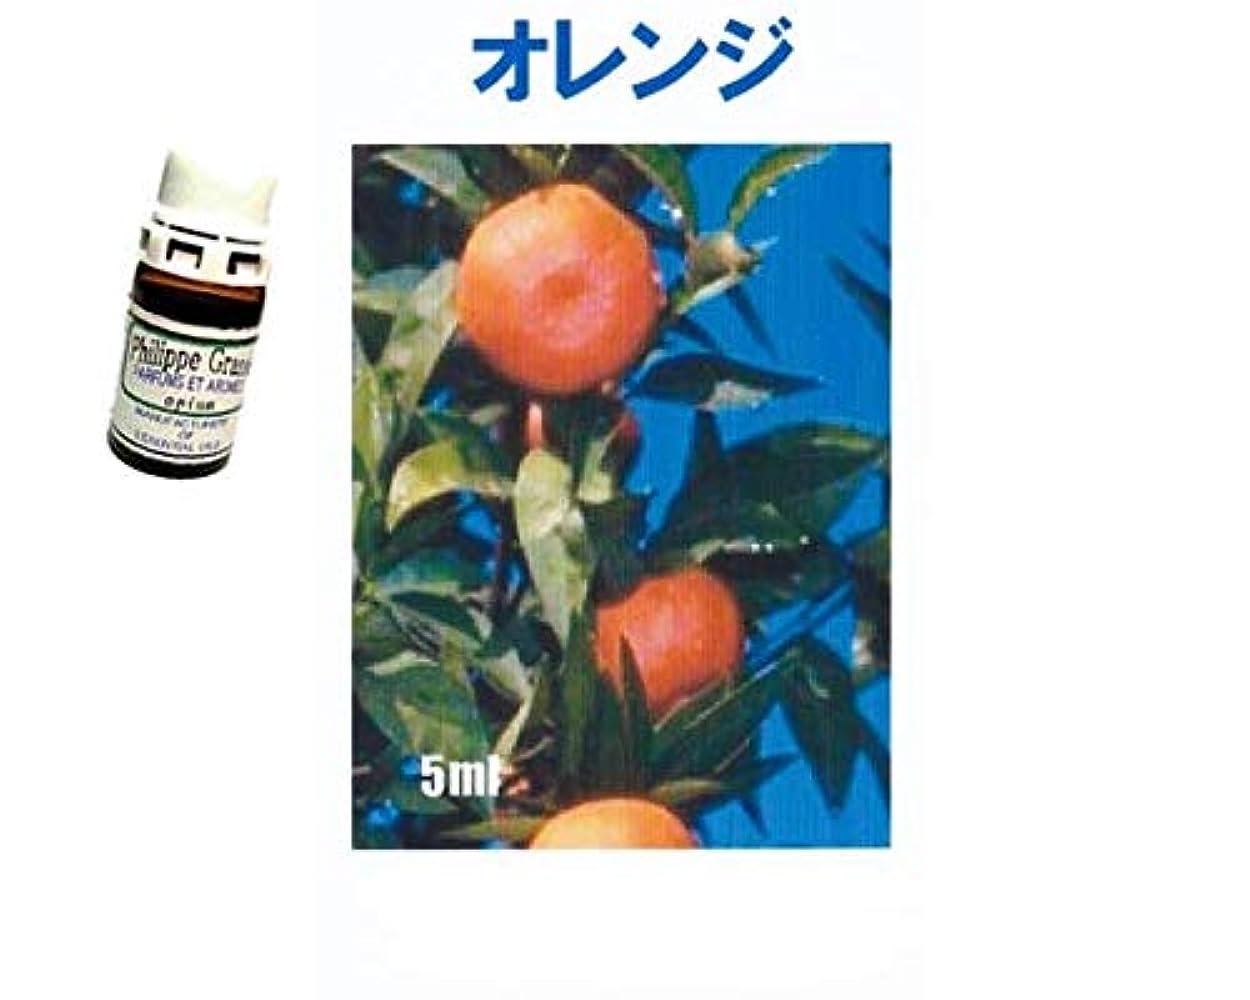 トラブル覗く起こるアロマオイル オレンジ 5ml エッセンシャルオイル 100%天然成分